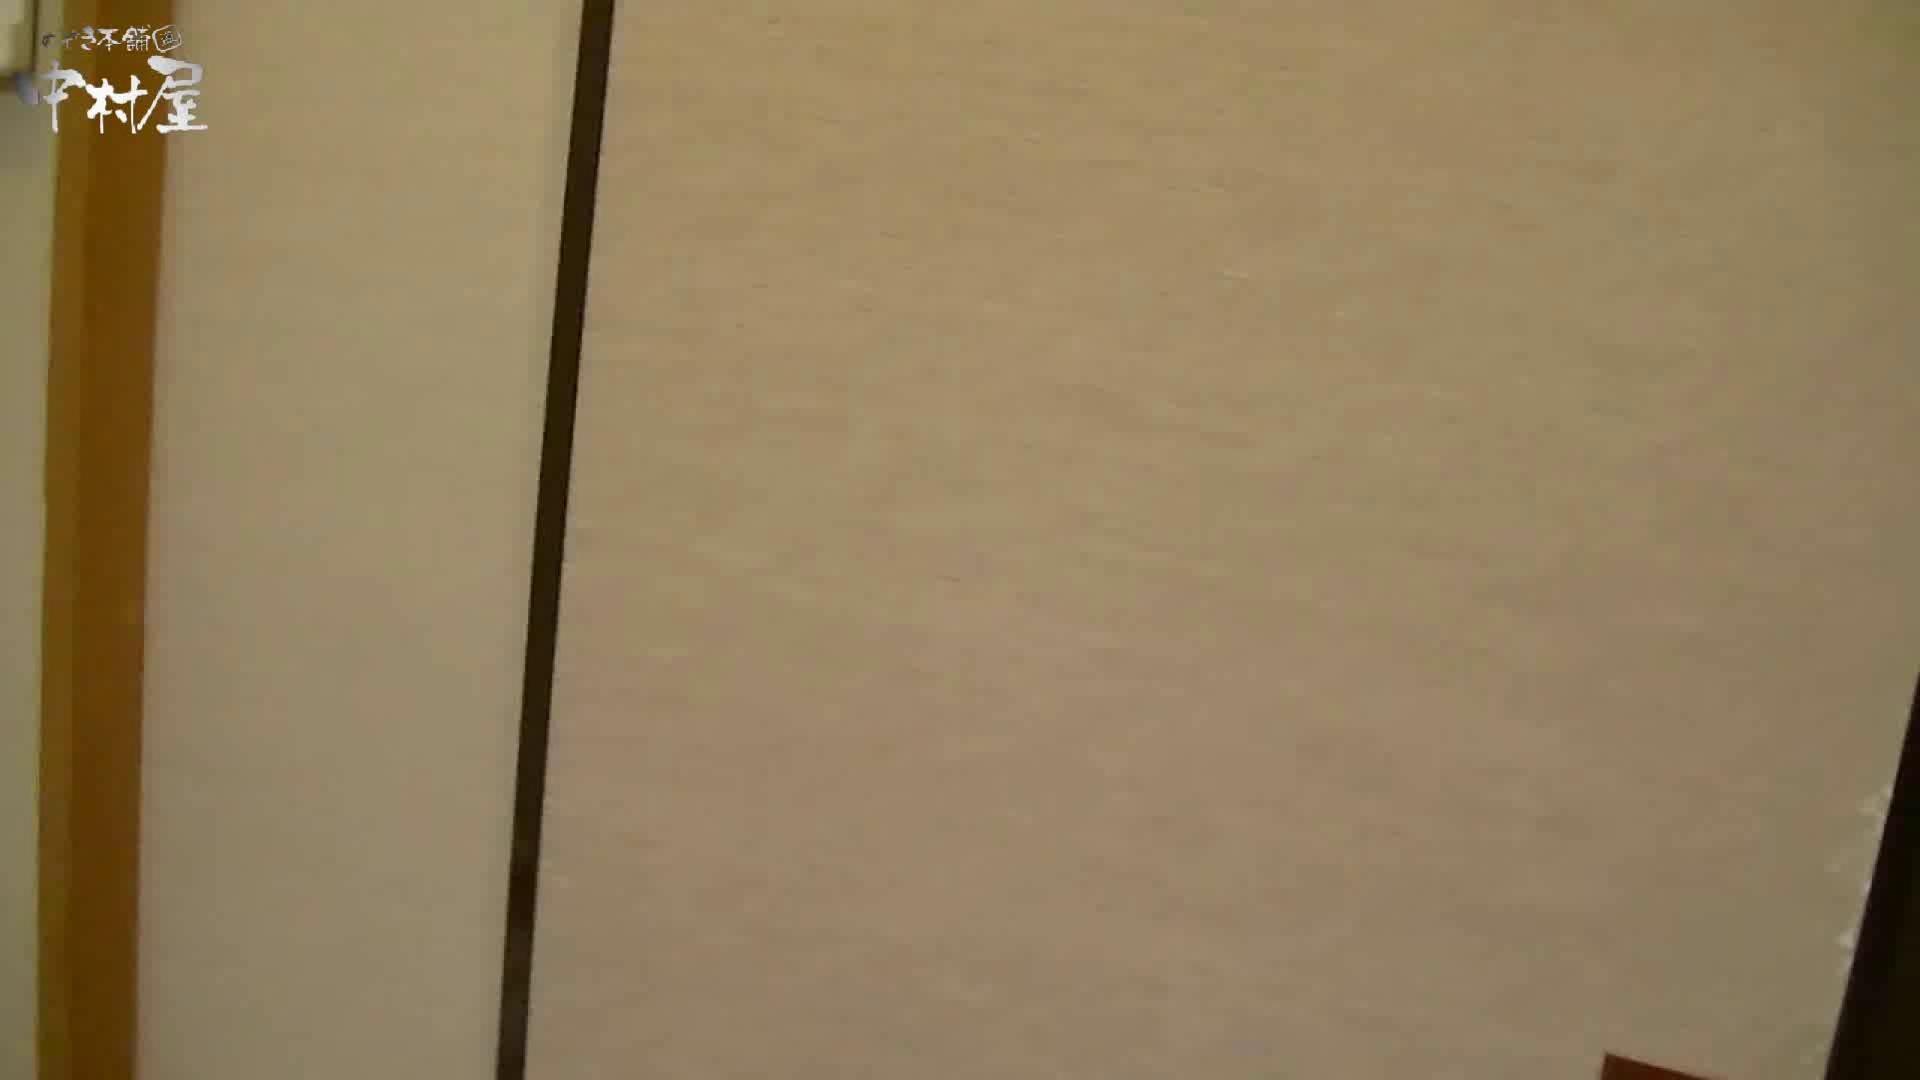 ネムリ姫 vol.47 浴衣 | レイプ  10枚 1